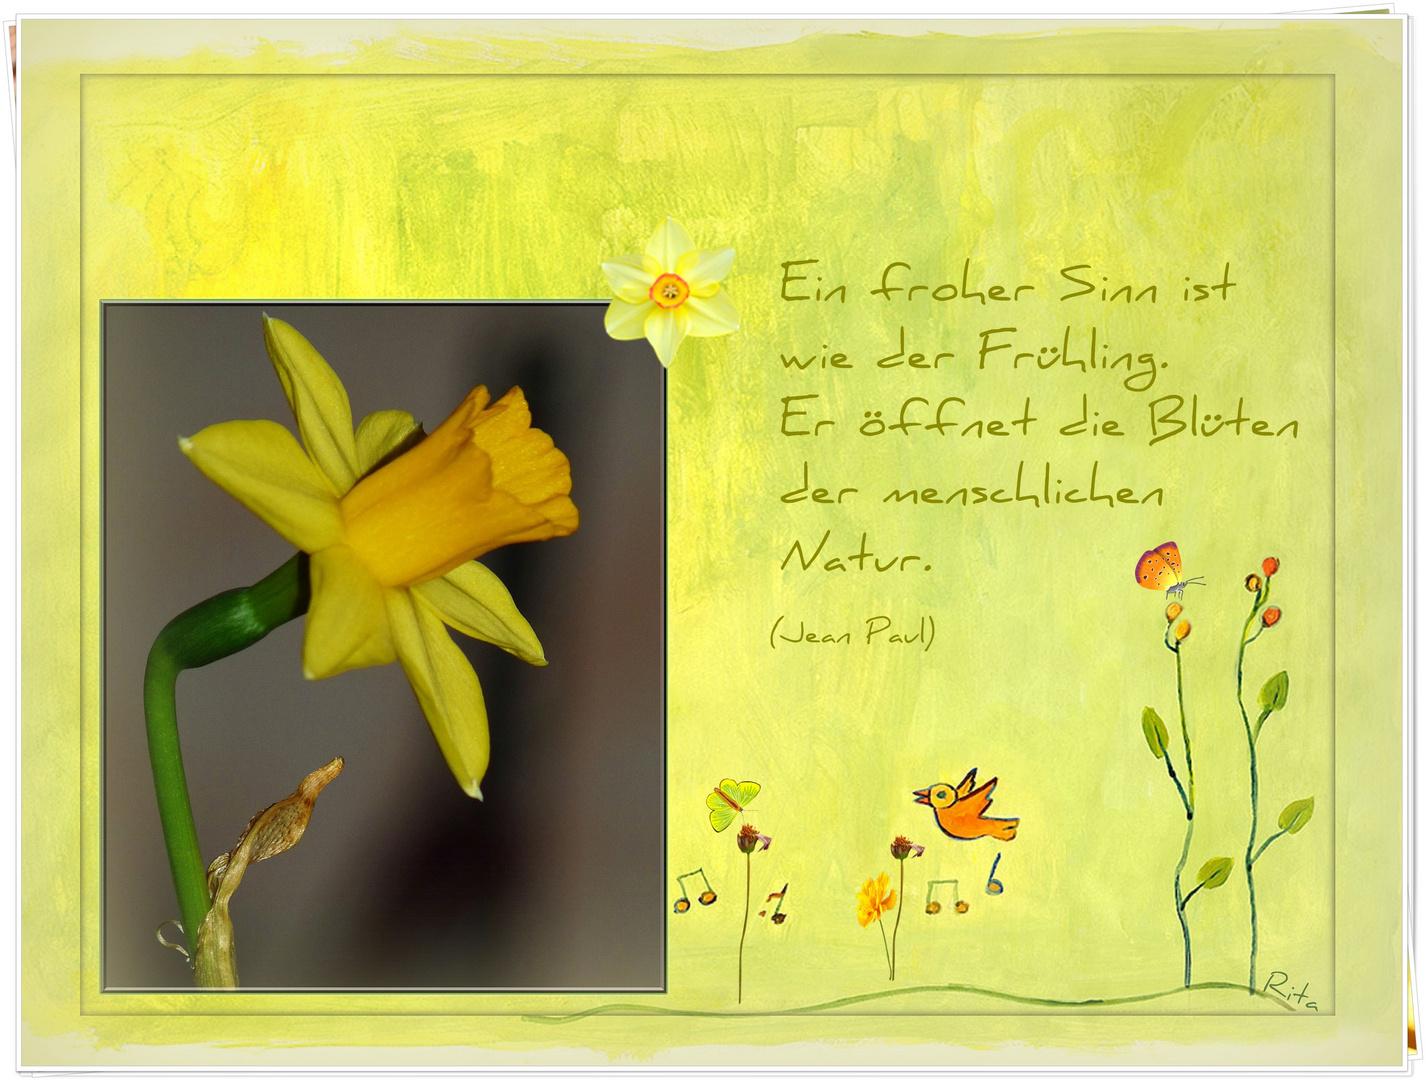 heute ist der Frühlingsanfang...